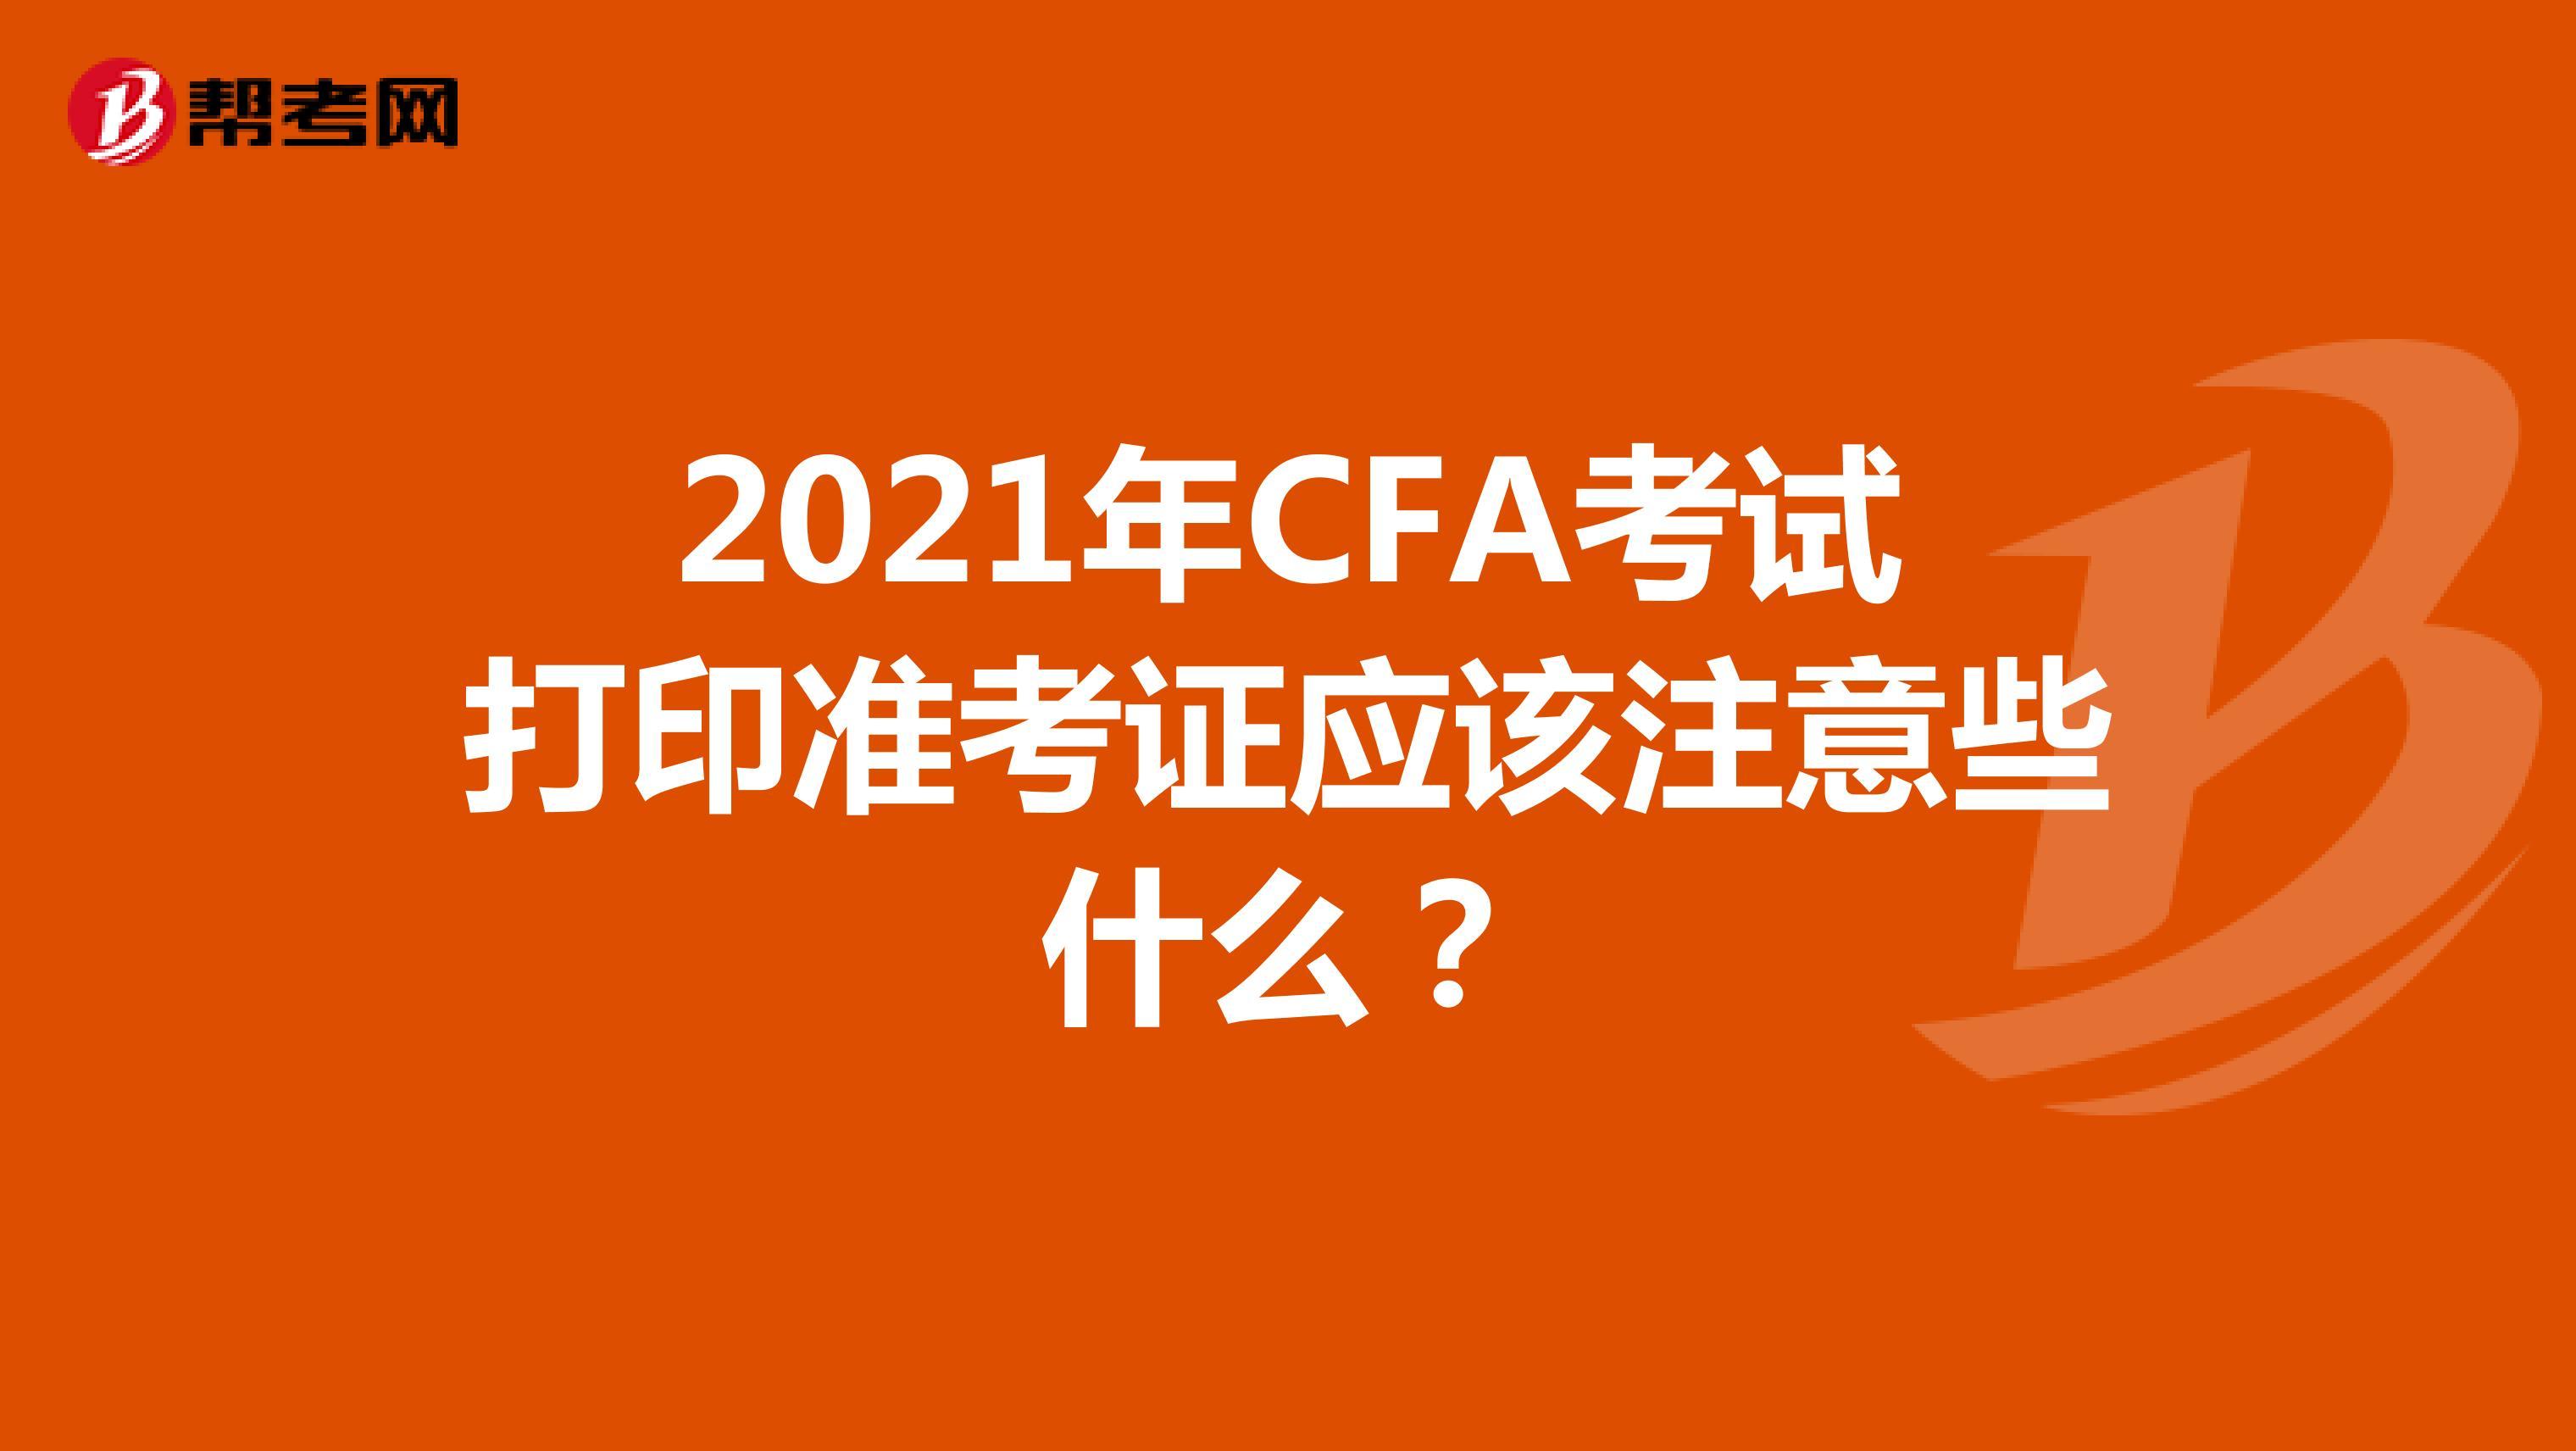 2021年CFA考试打印准考证应该注意些什么?